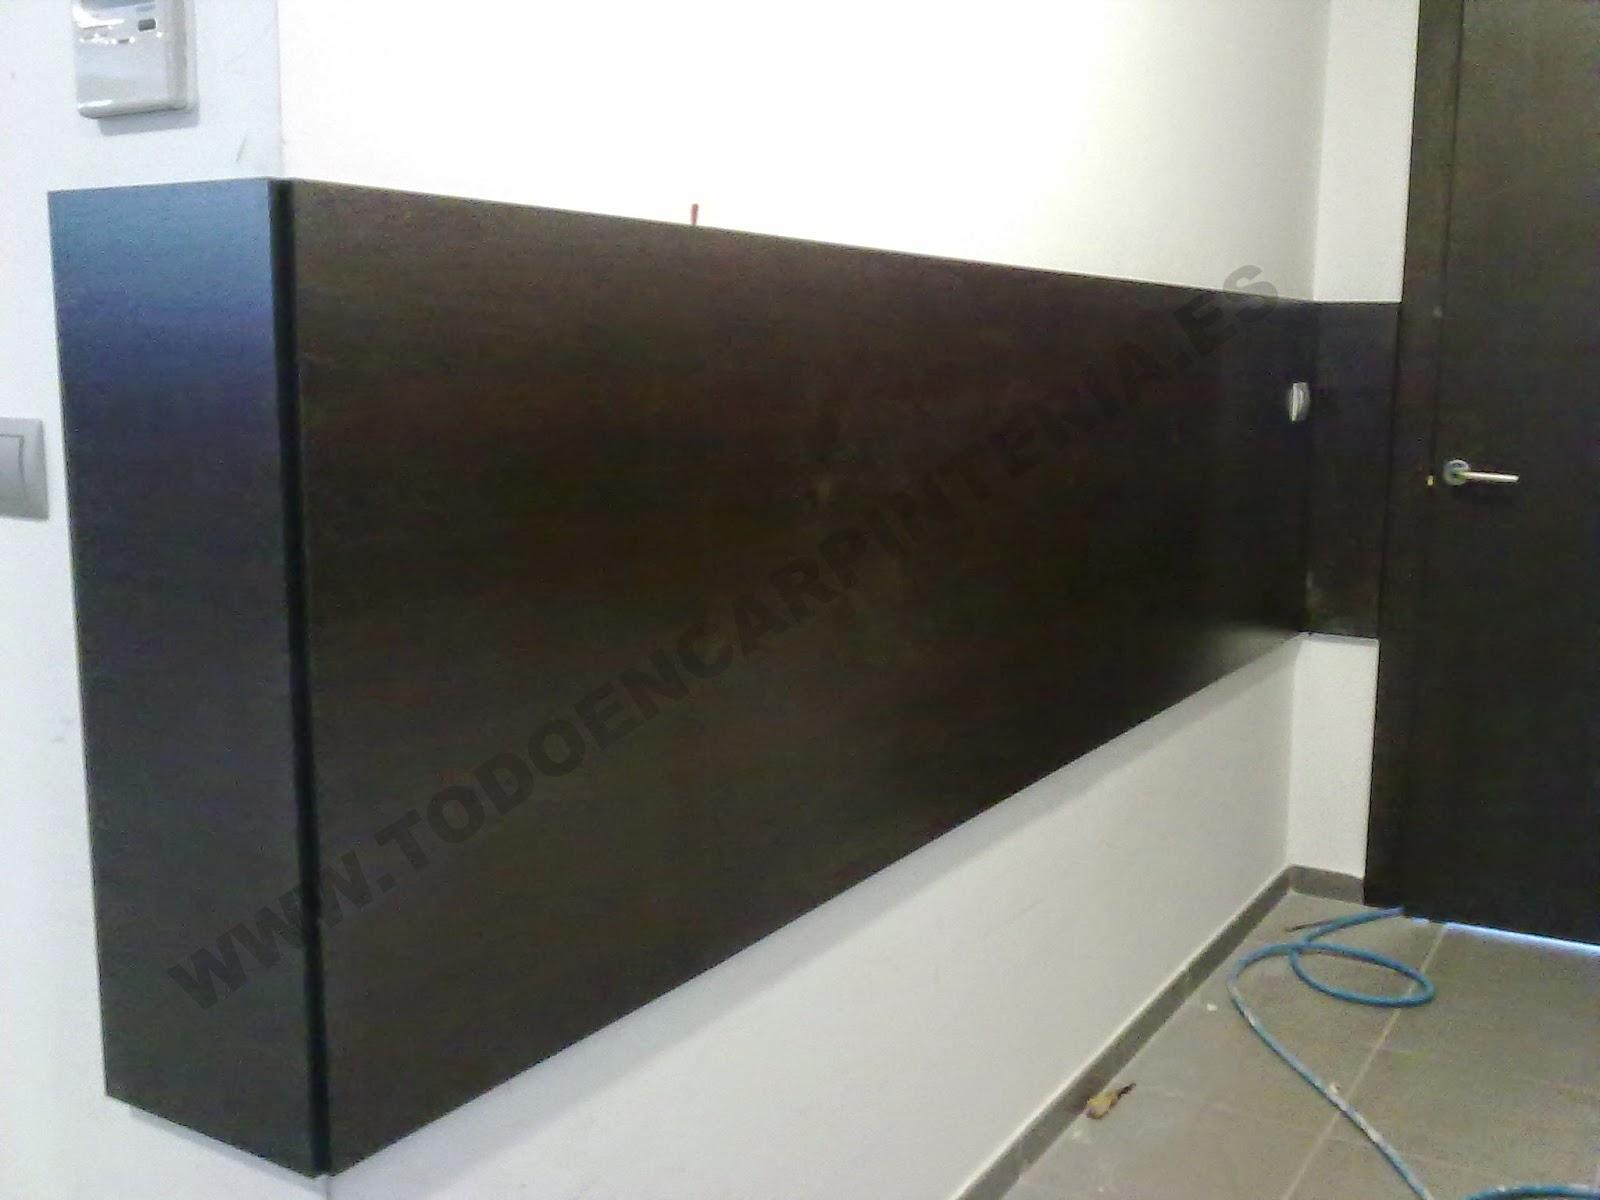 Madera para proteger paredes todo en carpinter a bricolaje y decoraci n - Proteger paredes de rozaduras ...